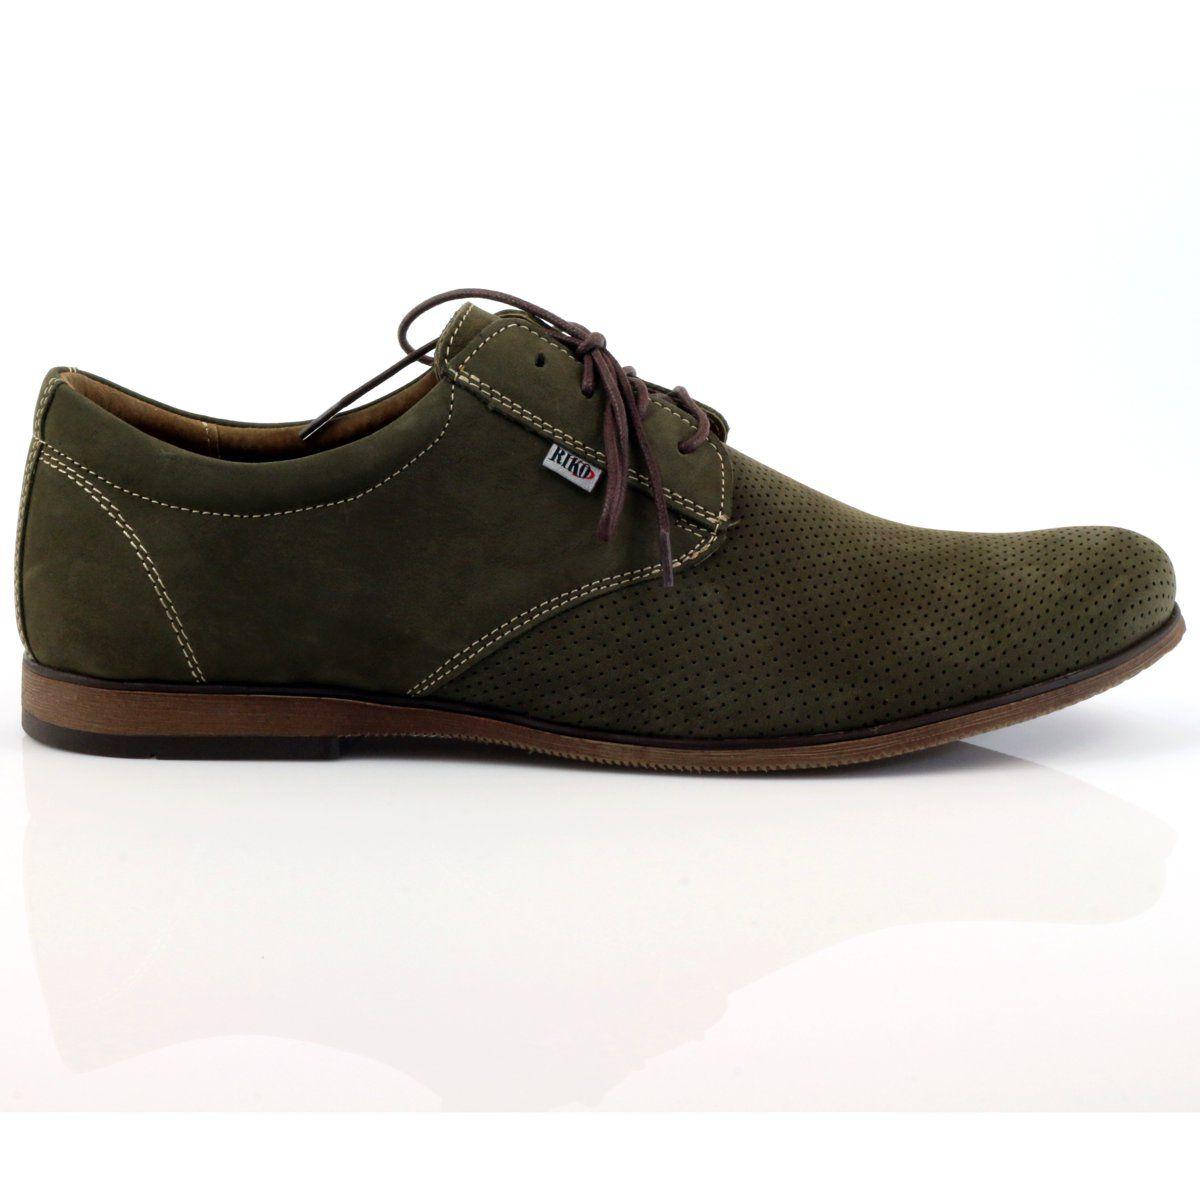 Riko Buty Meskie Polbuty Casual 777d Zielone Dress Shoes Men Mens Casual Shoes Casual Shoes